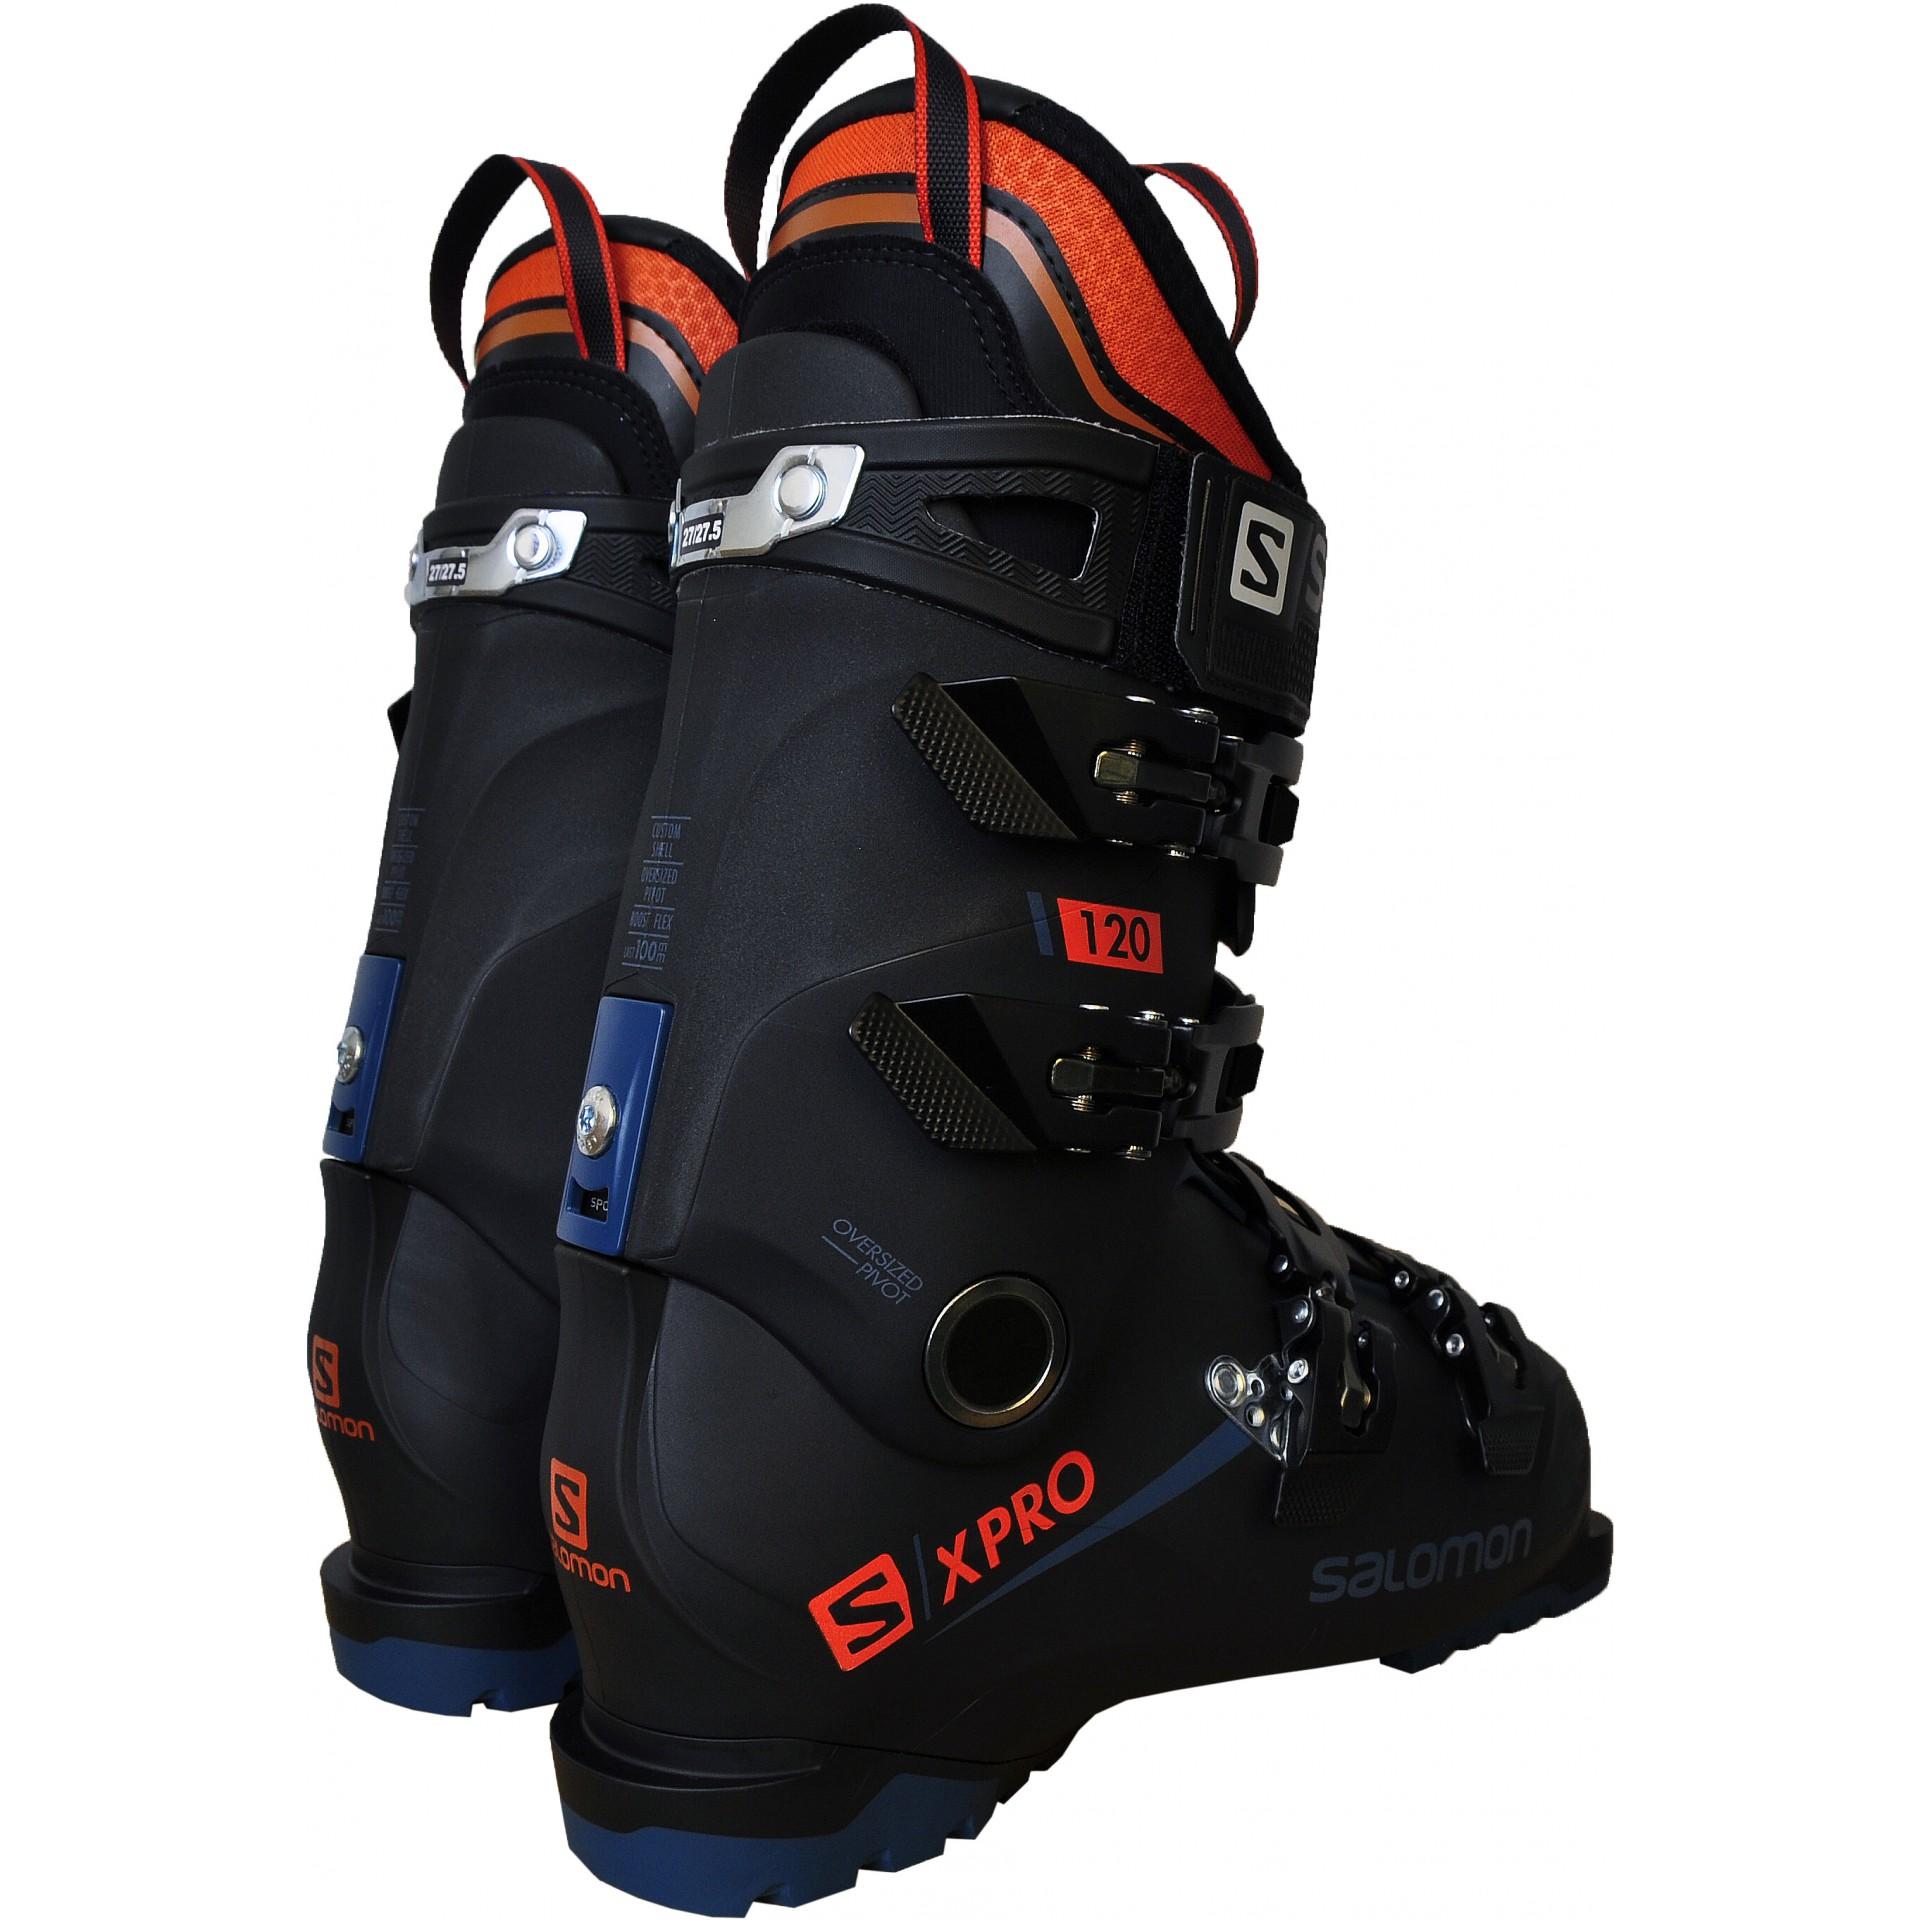 BUTY NARCIARSKIE SALOMON XPRO w Buty narciarskie Zjazdowe